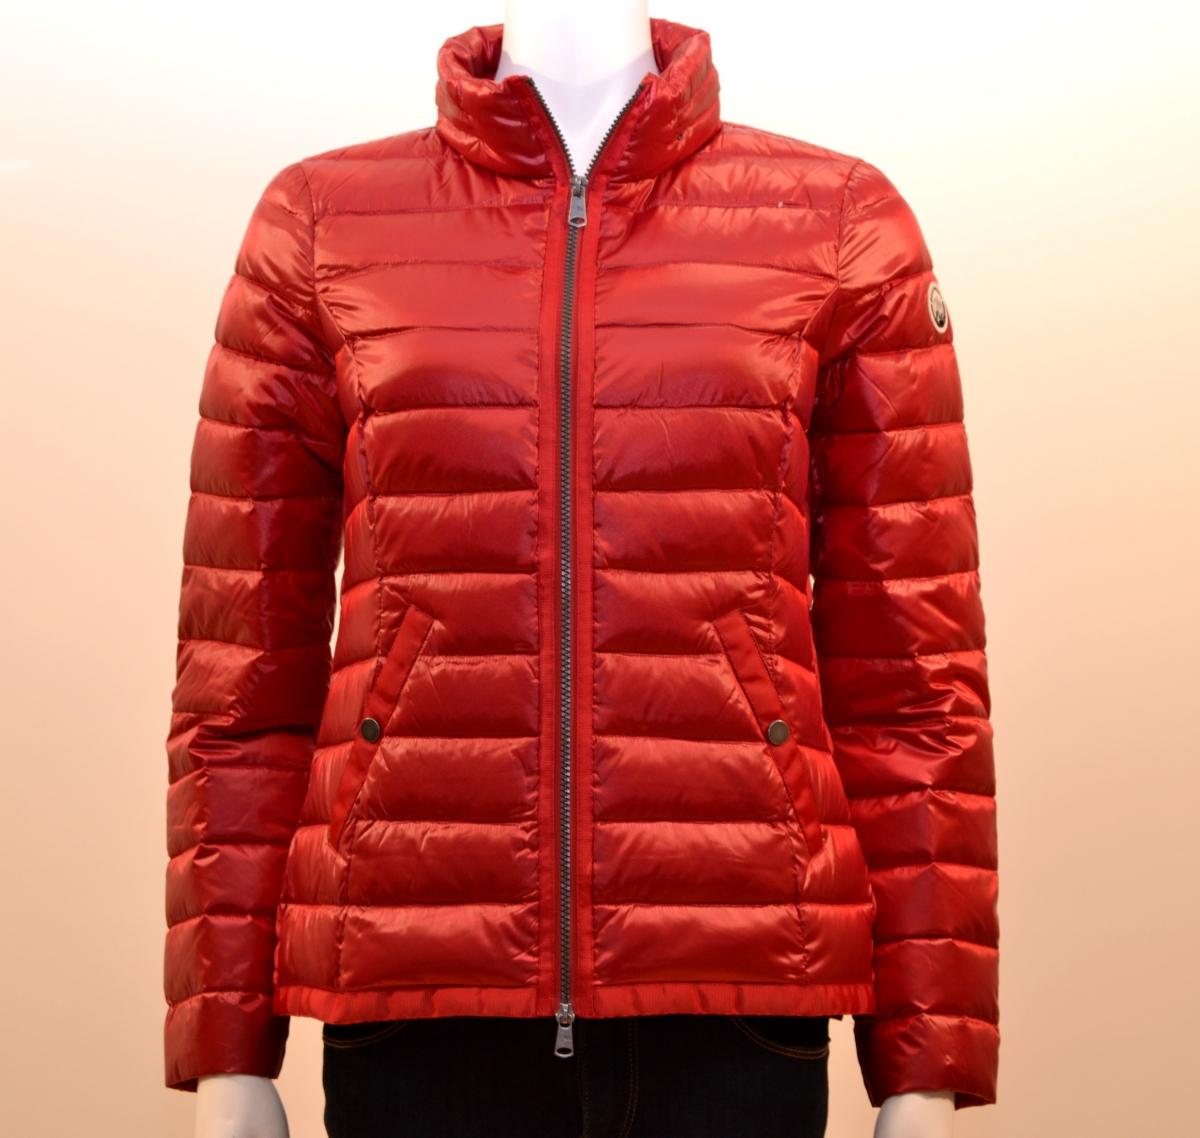 Vêtements Doudoune Tomato Marque Beaumont De Red 85114 qSSzwF